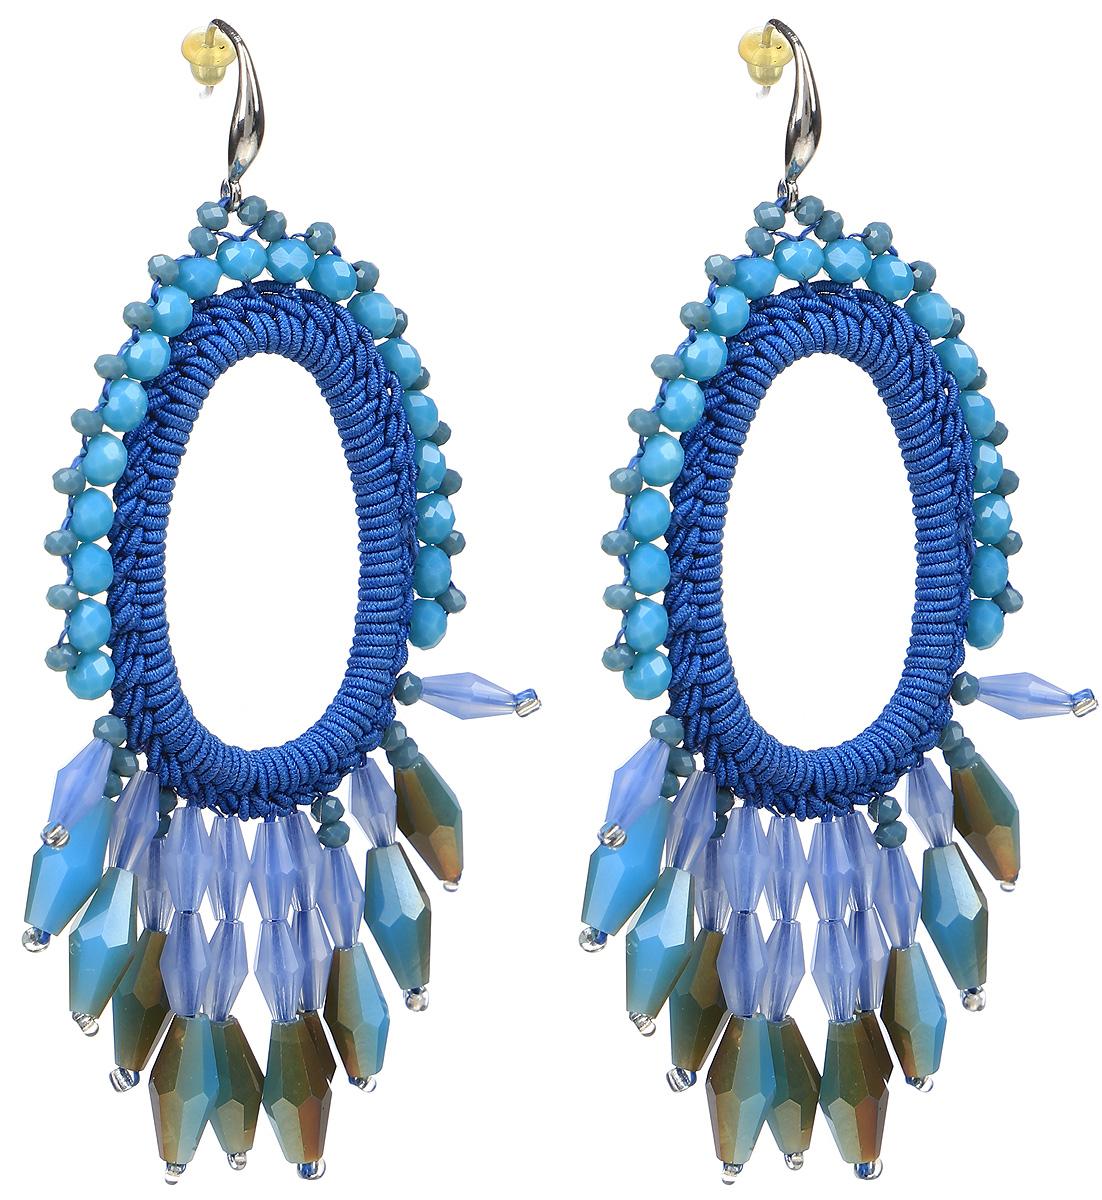 Серьги Taya, цвет: синий. T-B-9559-EARR-BLUET-B-9559-EARR-BLUEСерьги с замком-петлей и силиконовой заглушкой изготовлены из гипоаллергенного бижутерного сплава и текстиля. Серьги выполнены в форме овала с окантовкой из камней.